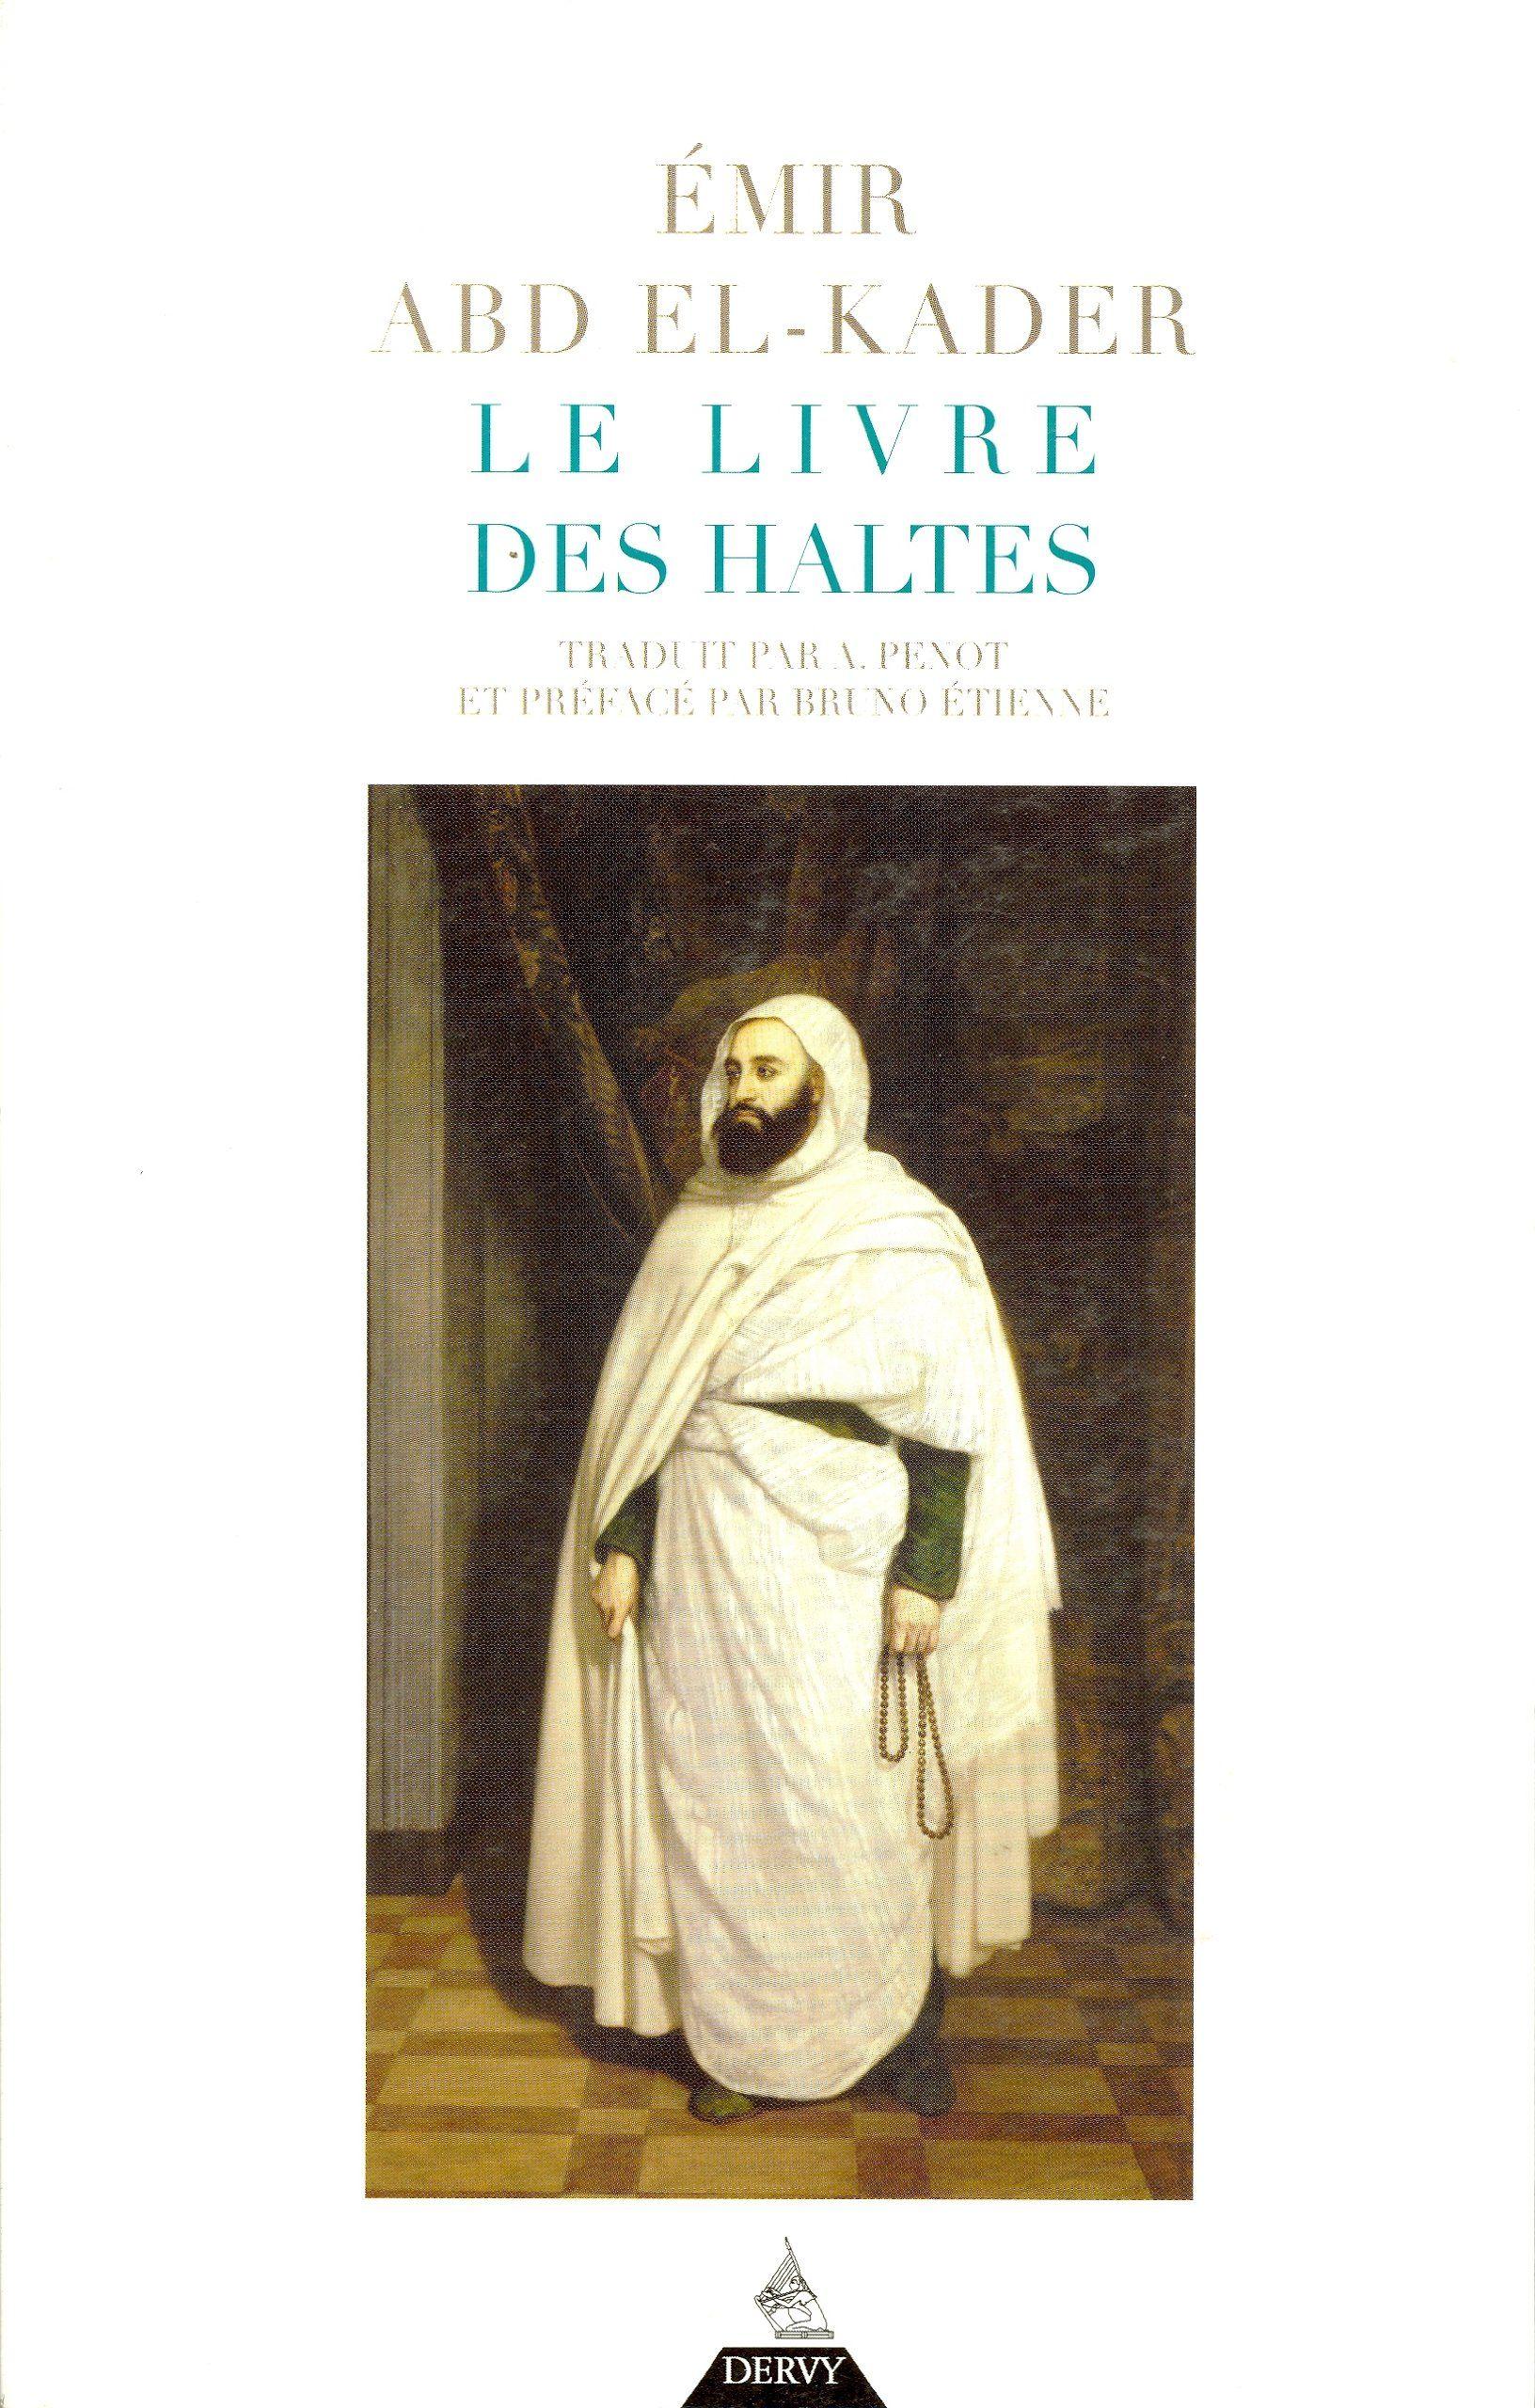 La philosophie mystique du soufi du Moyen Age d Ibn Arabi exposée en termes  simples par Abd el Kader, qui nous la rend contemporaine. 19€ 15c5d3580f5c